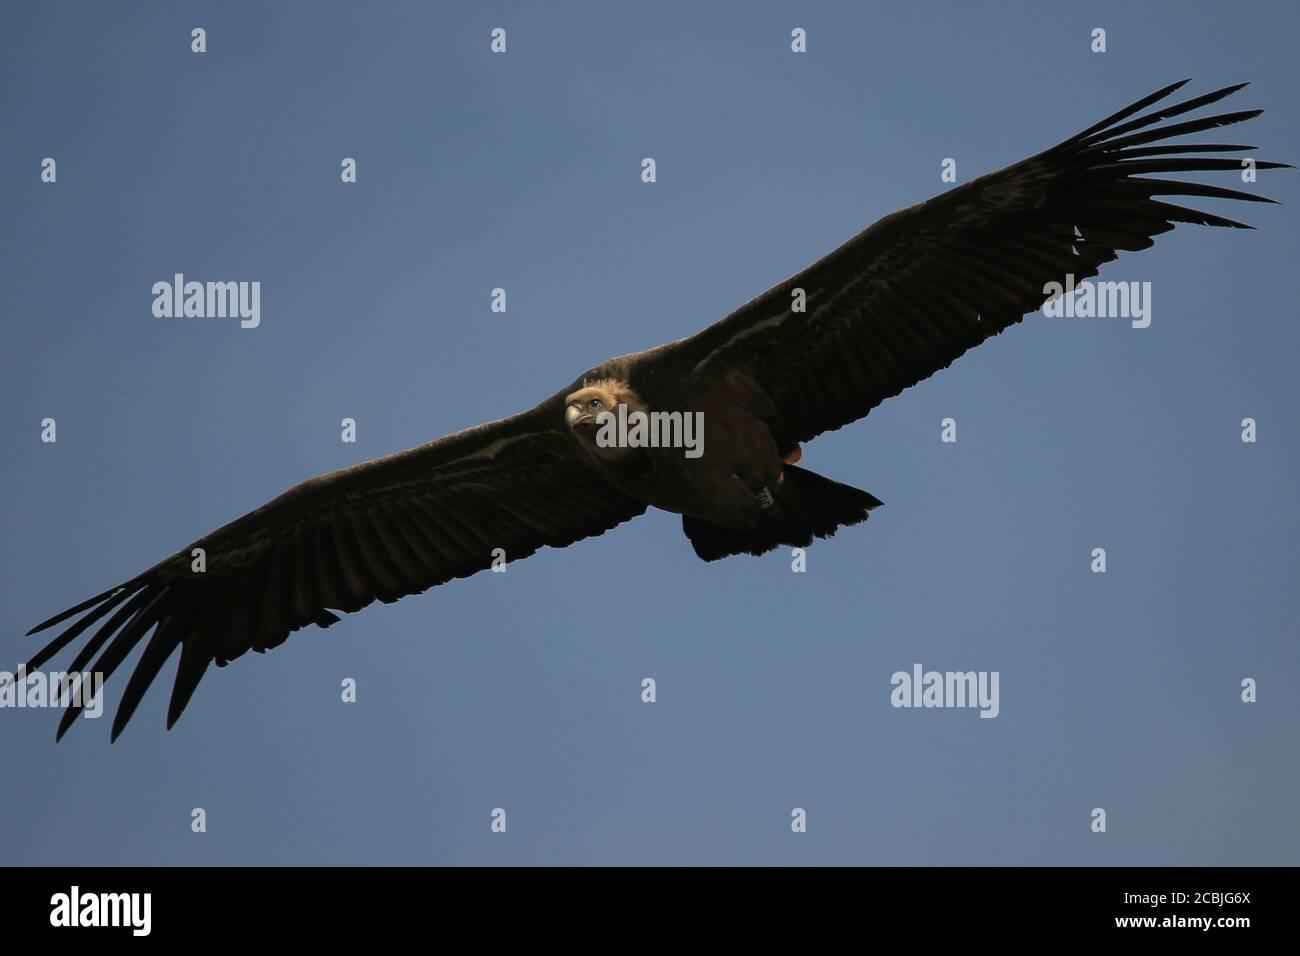 Griffon Vulture volant dans les Gorges du Verdon, Provence, France. Banque D'Images